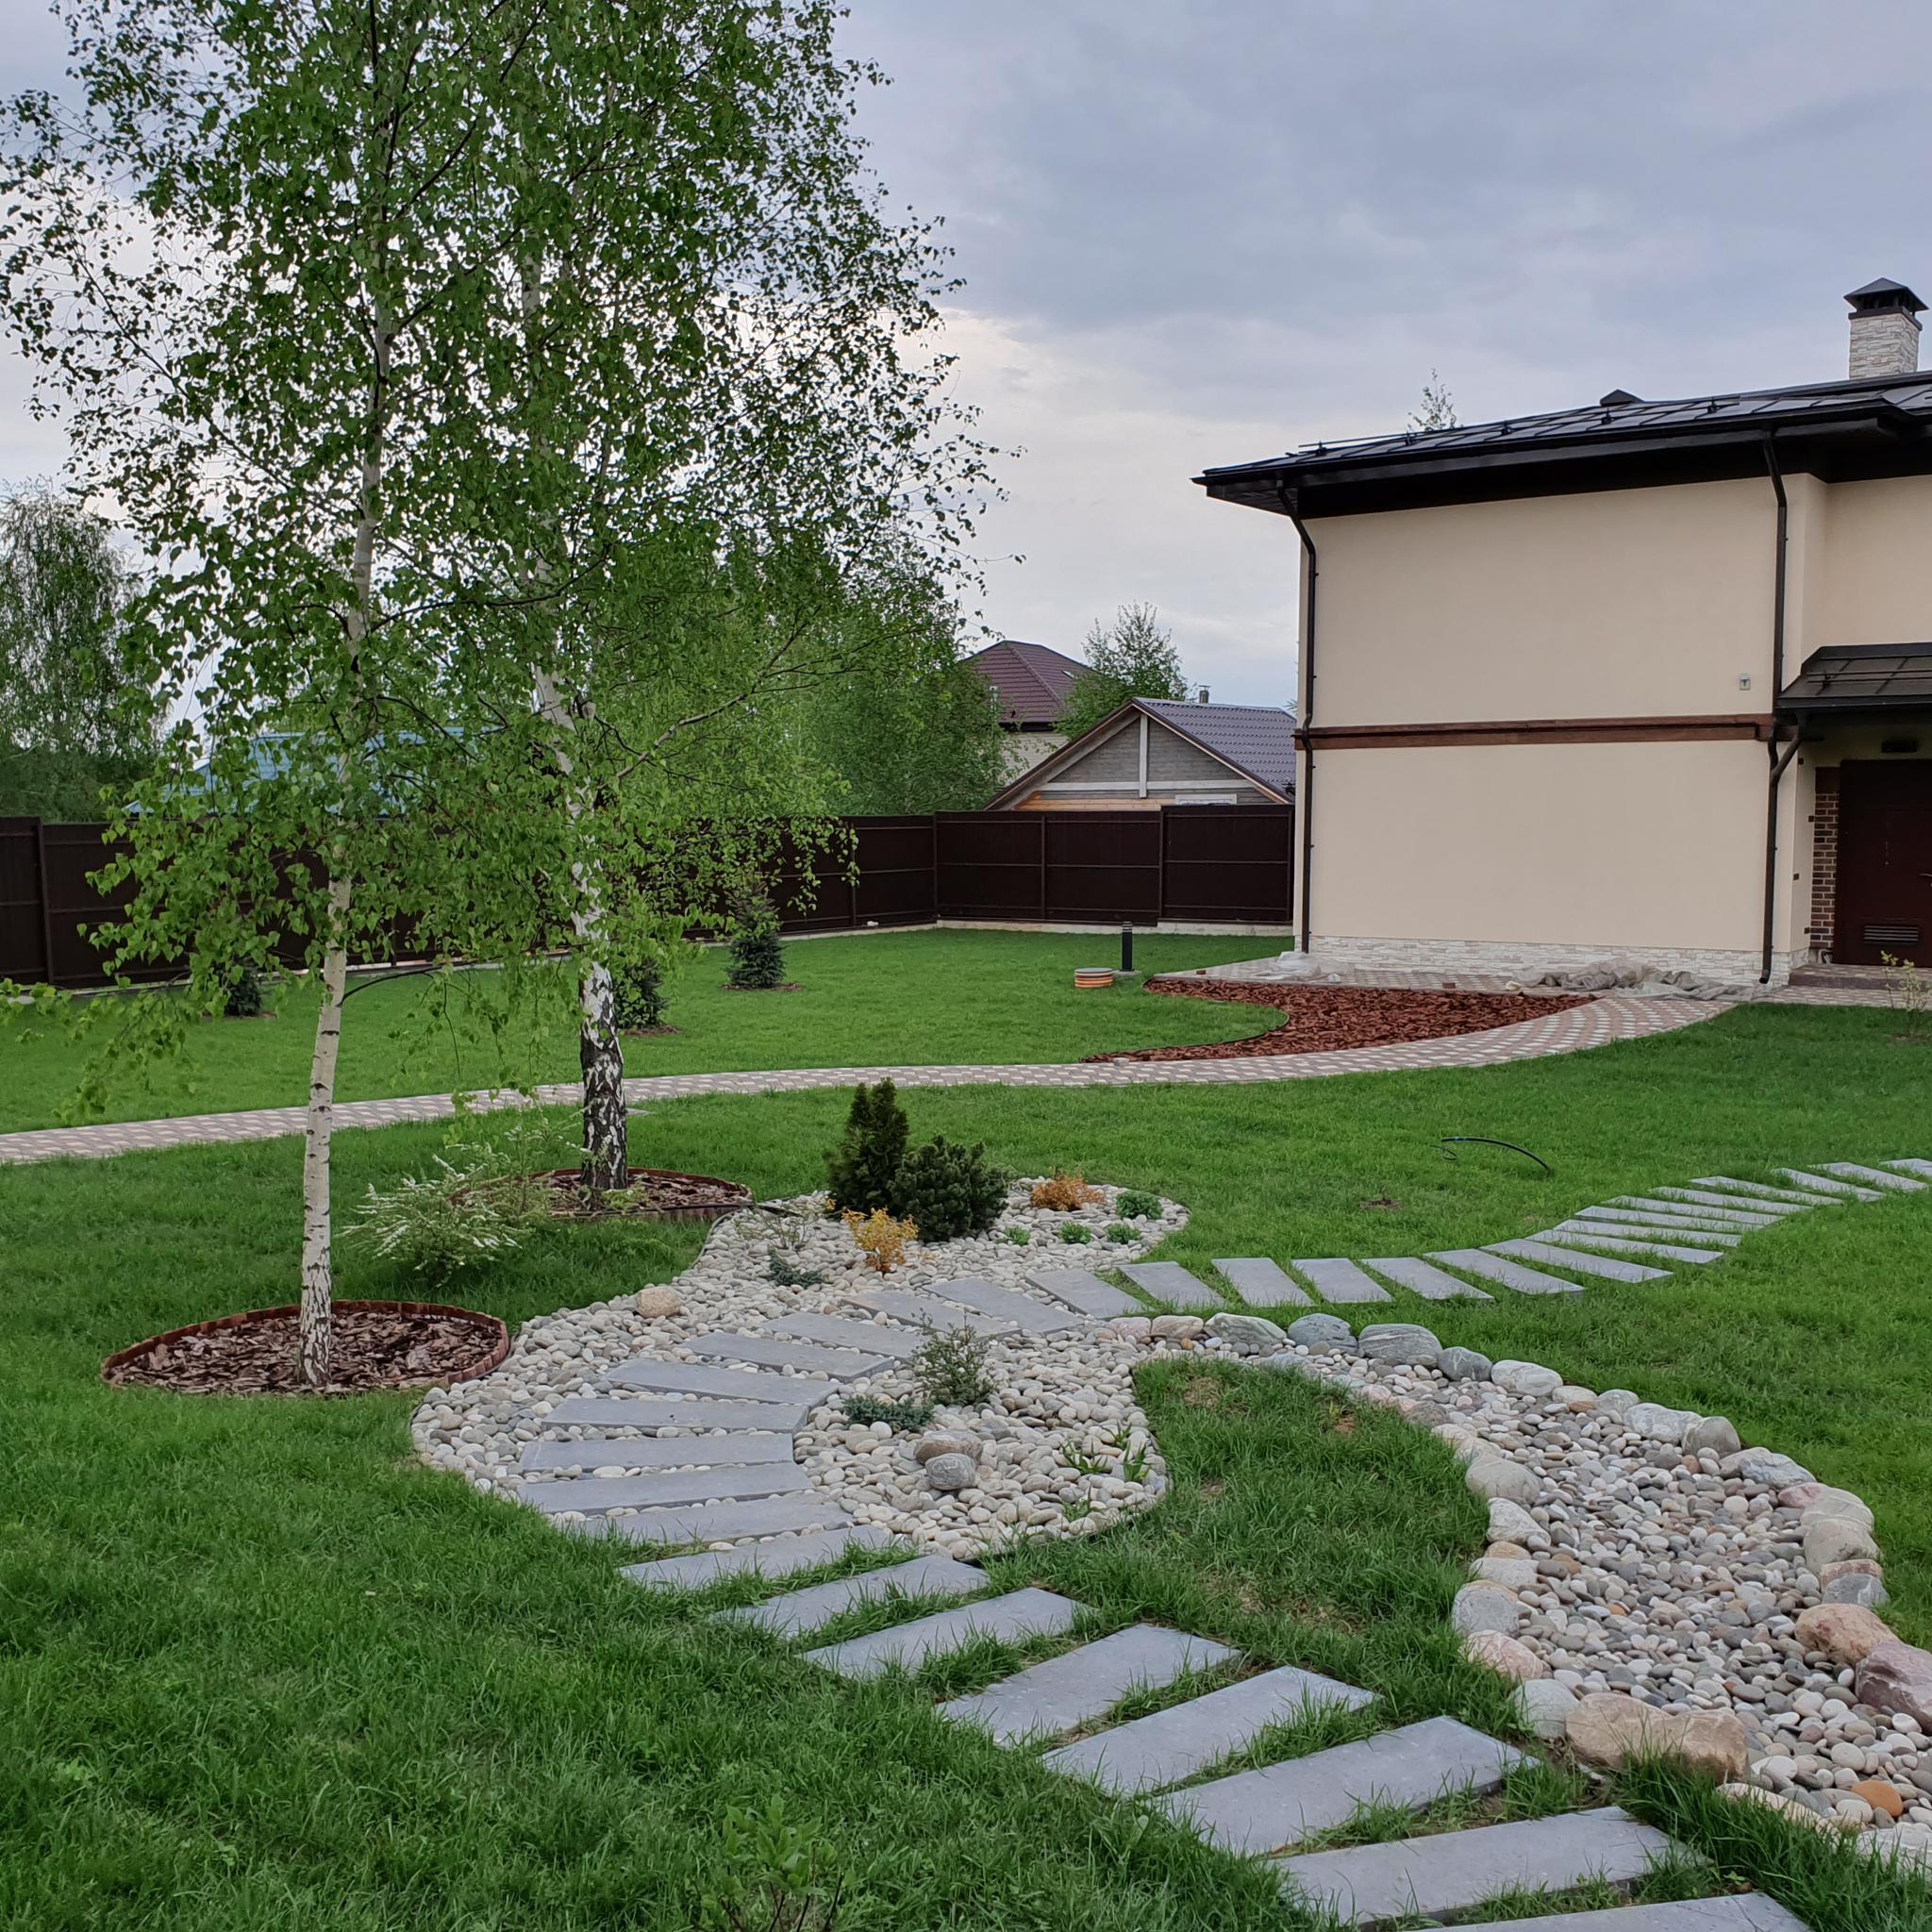 Благоустройство дачного участка (77 фото): примеры обустройства территории площадью 6 соток, маленькие зоны отдыха